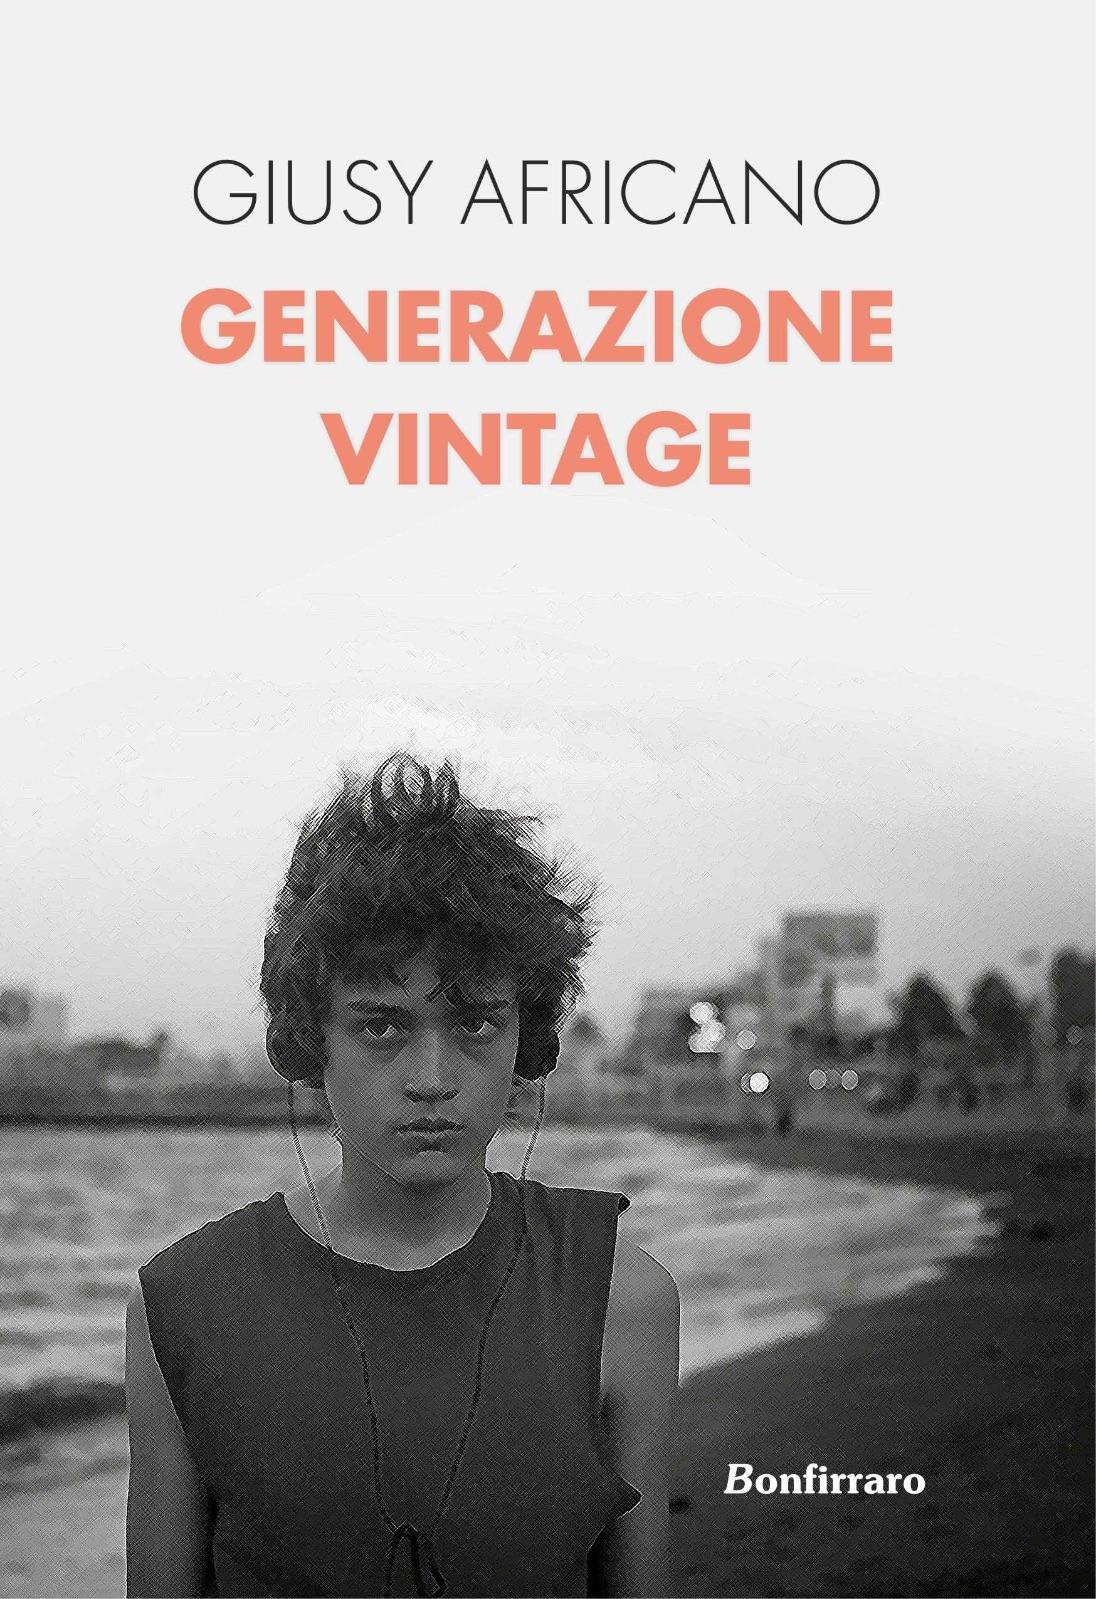 Giusy Africano - Generazione Vintage - Bonfirraro editore - Le video recensioni